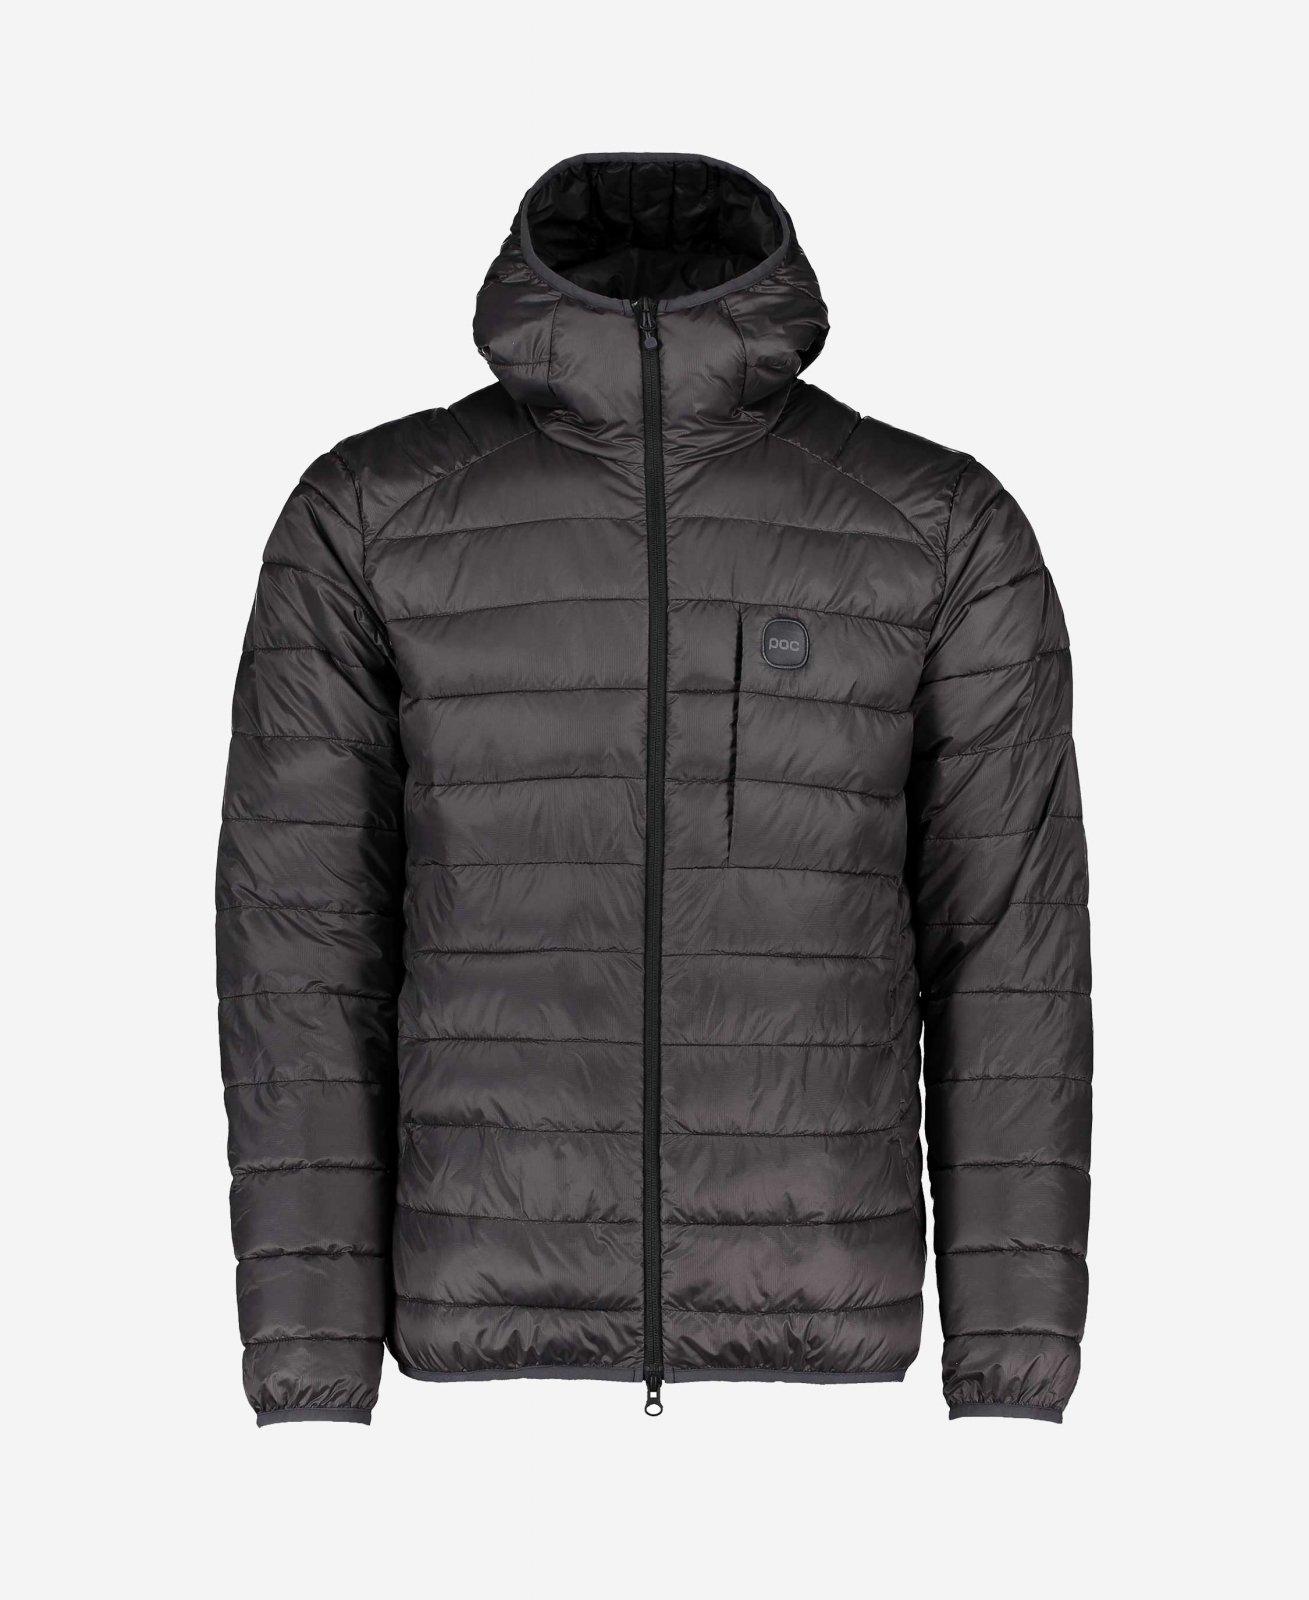 POC Men's Liner Jacket